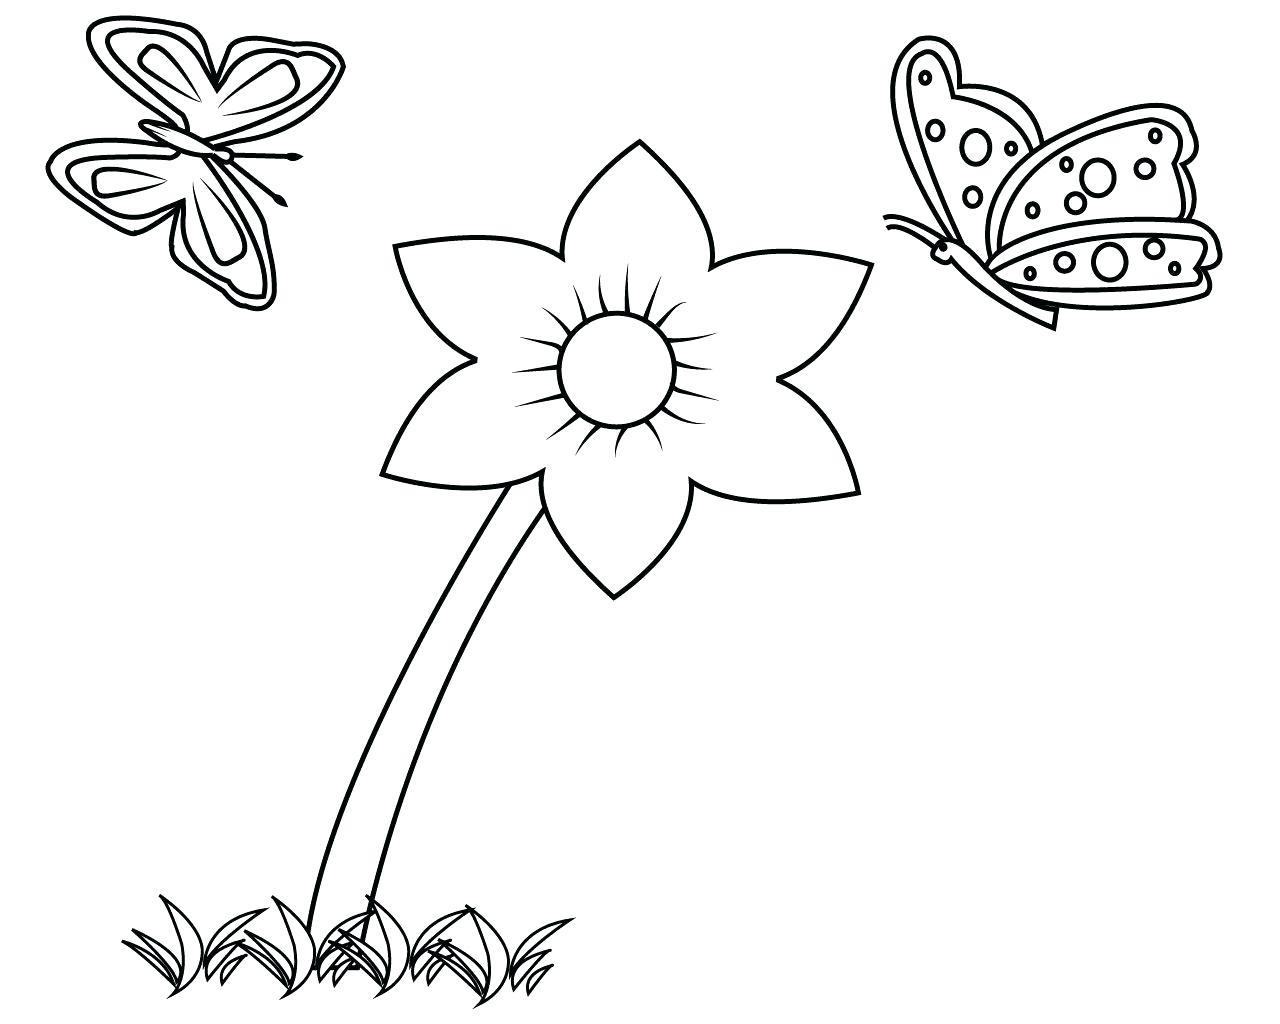 Tranh tô màu bông hoa đơn giản cực đẹp cho bé